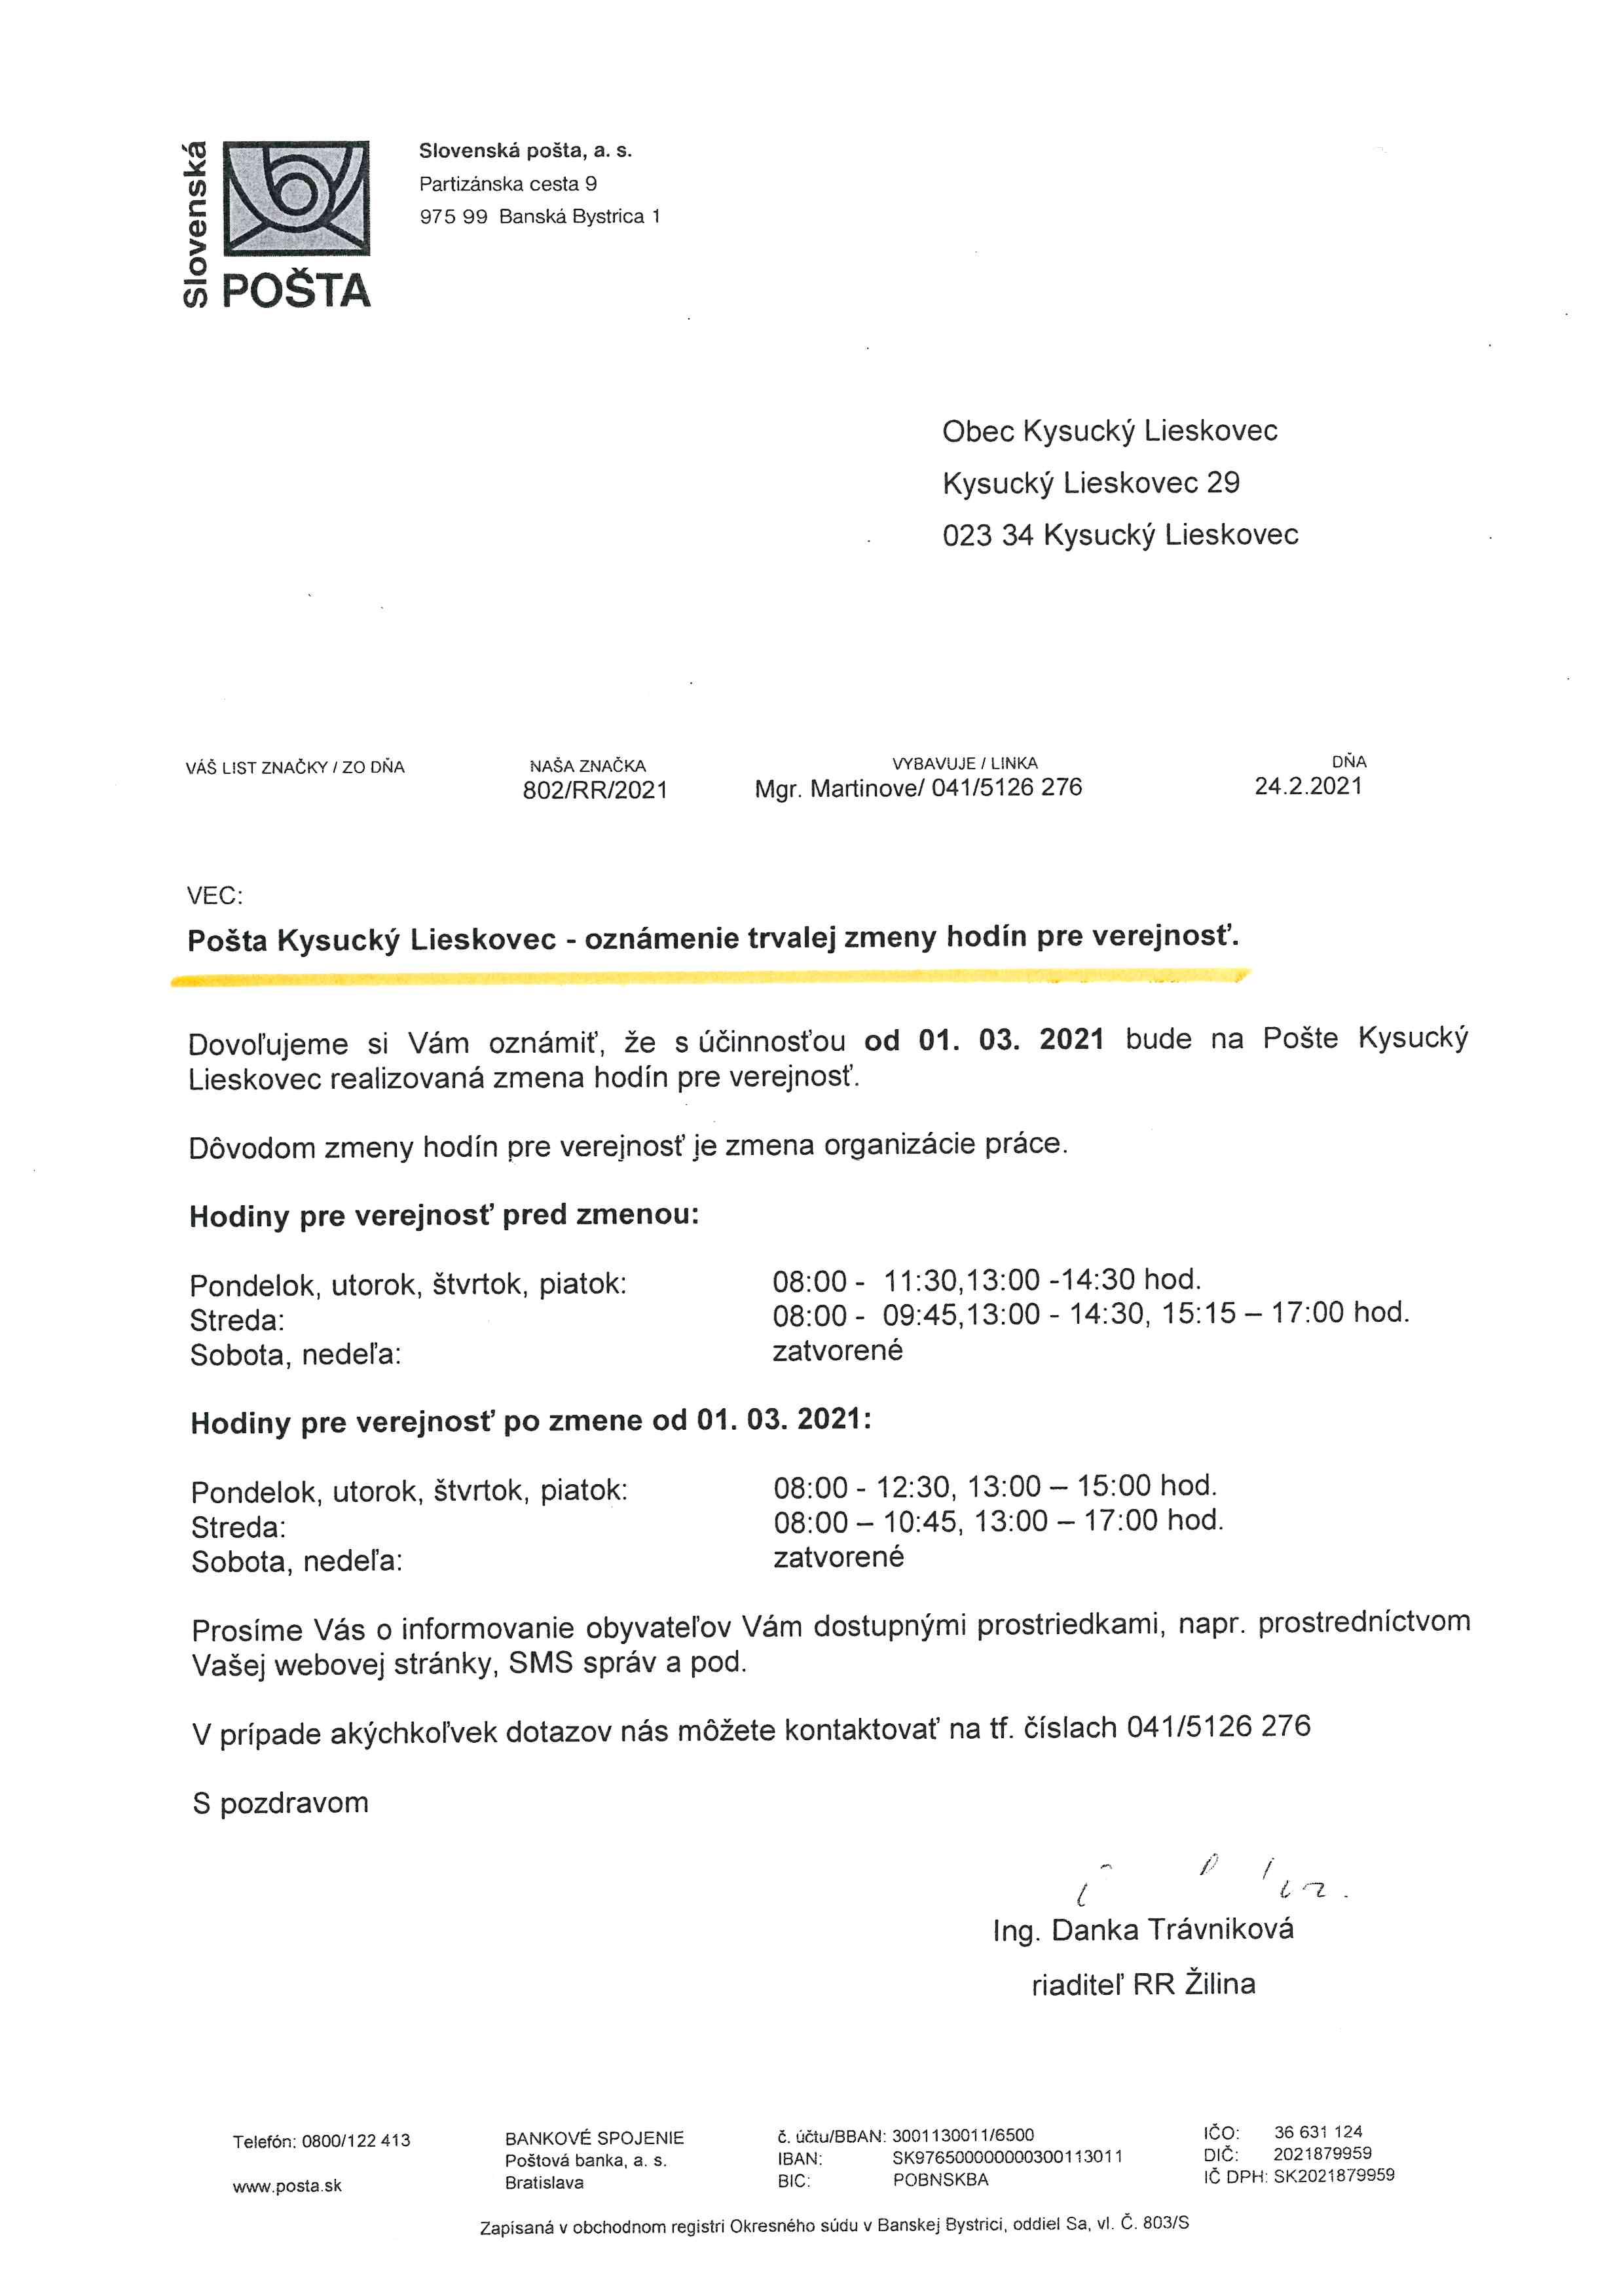 Pošta Kysucký Lieskovec - oznámenie trvalej zmeny hodín pre verejnosť